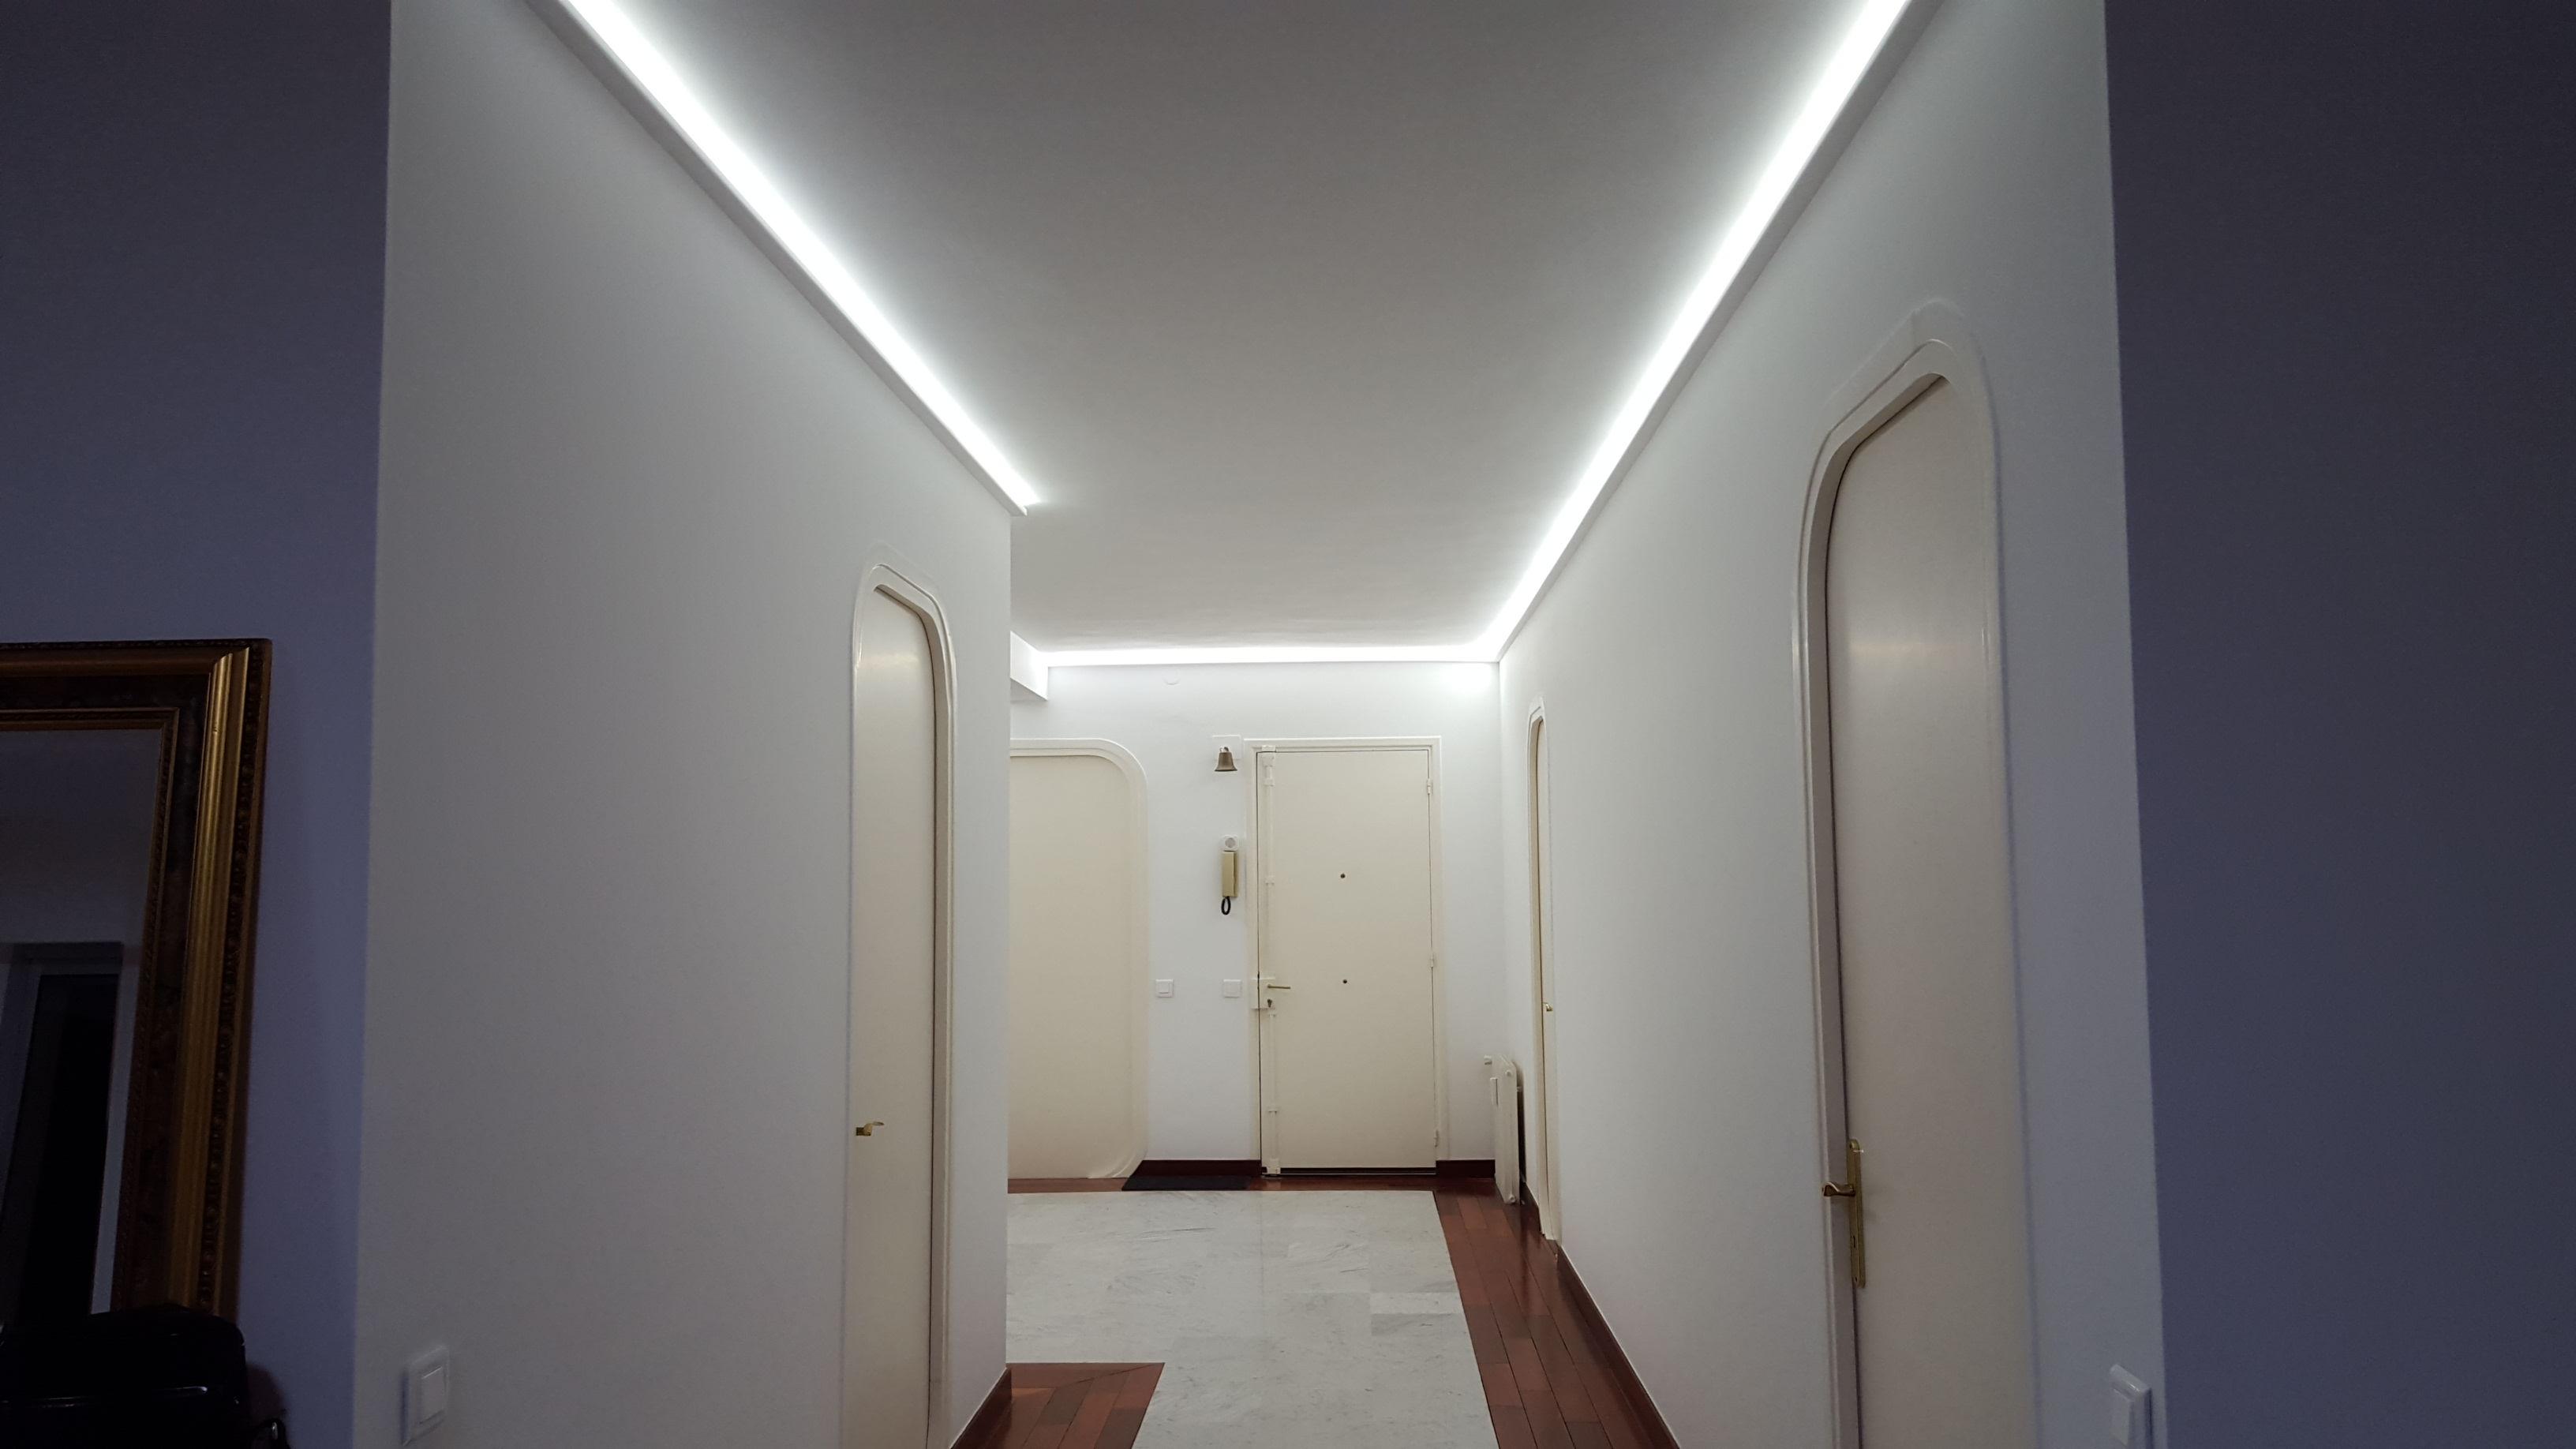 Плинтус на потолок с подсветкой